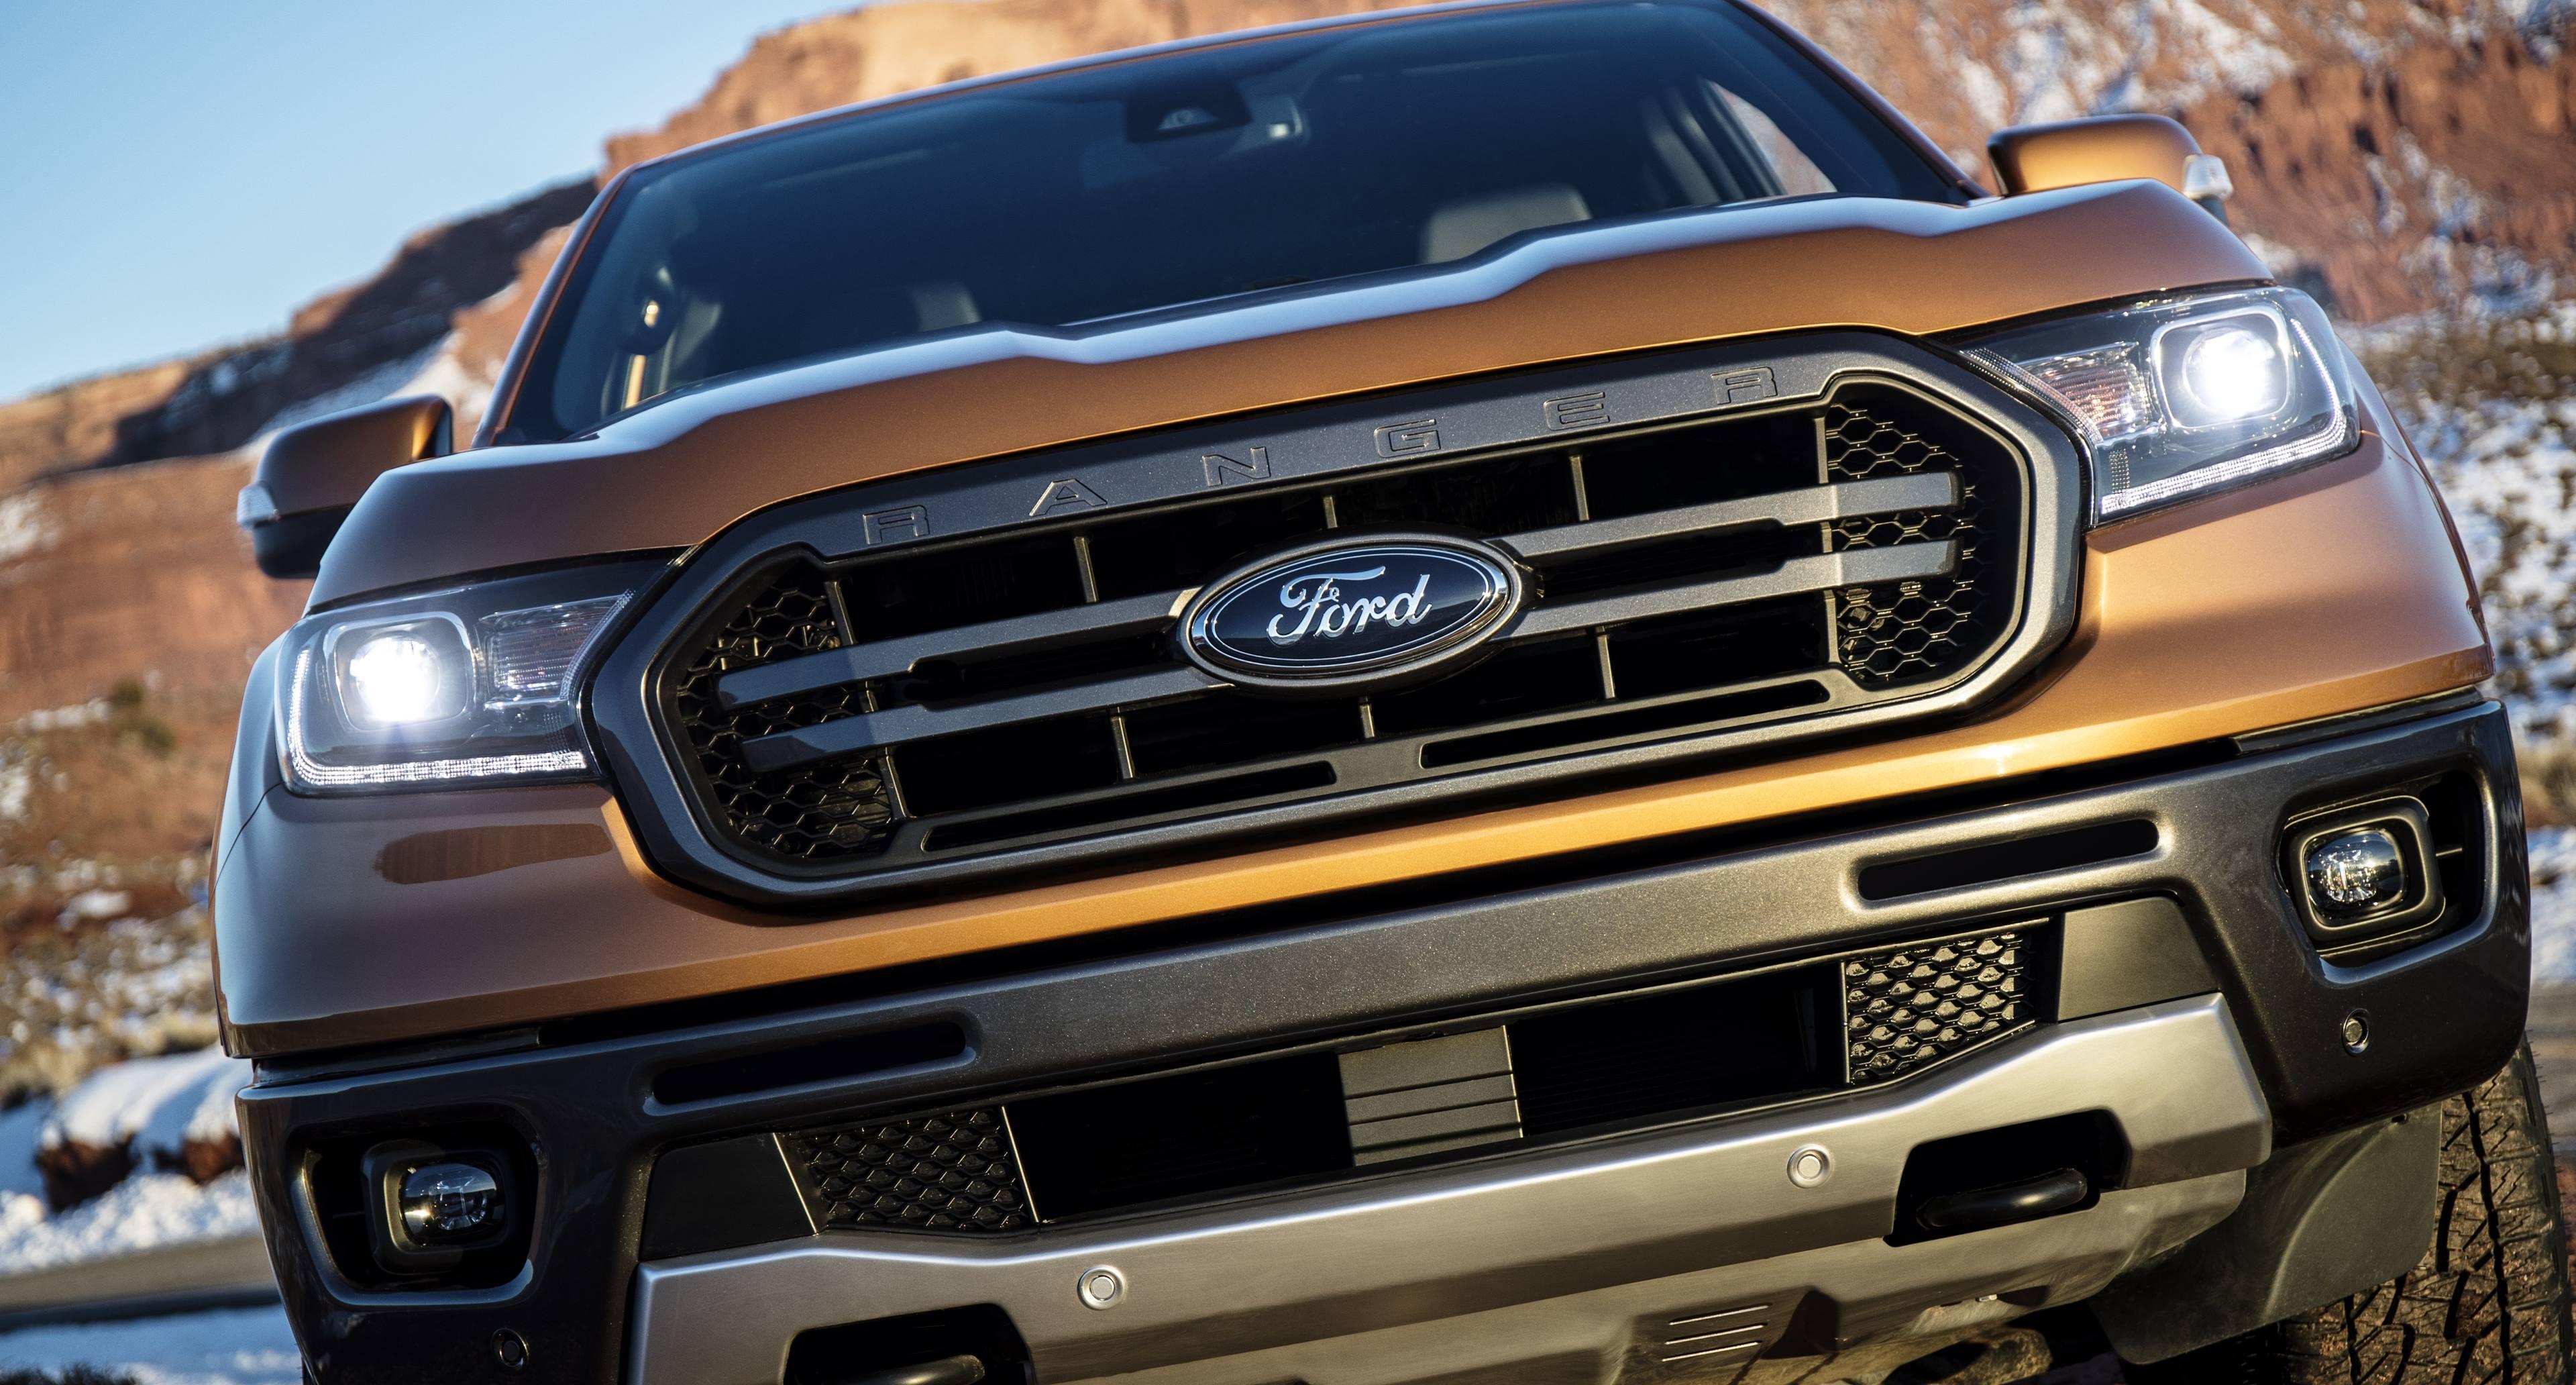 2019 Ford Ranger grille detail